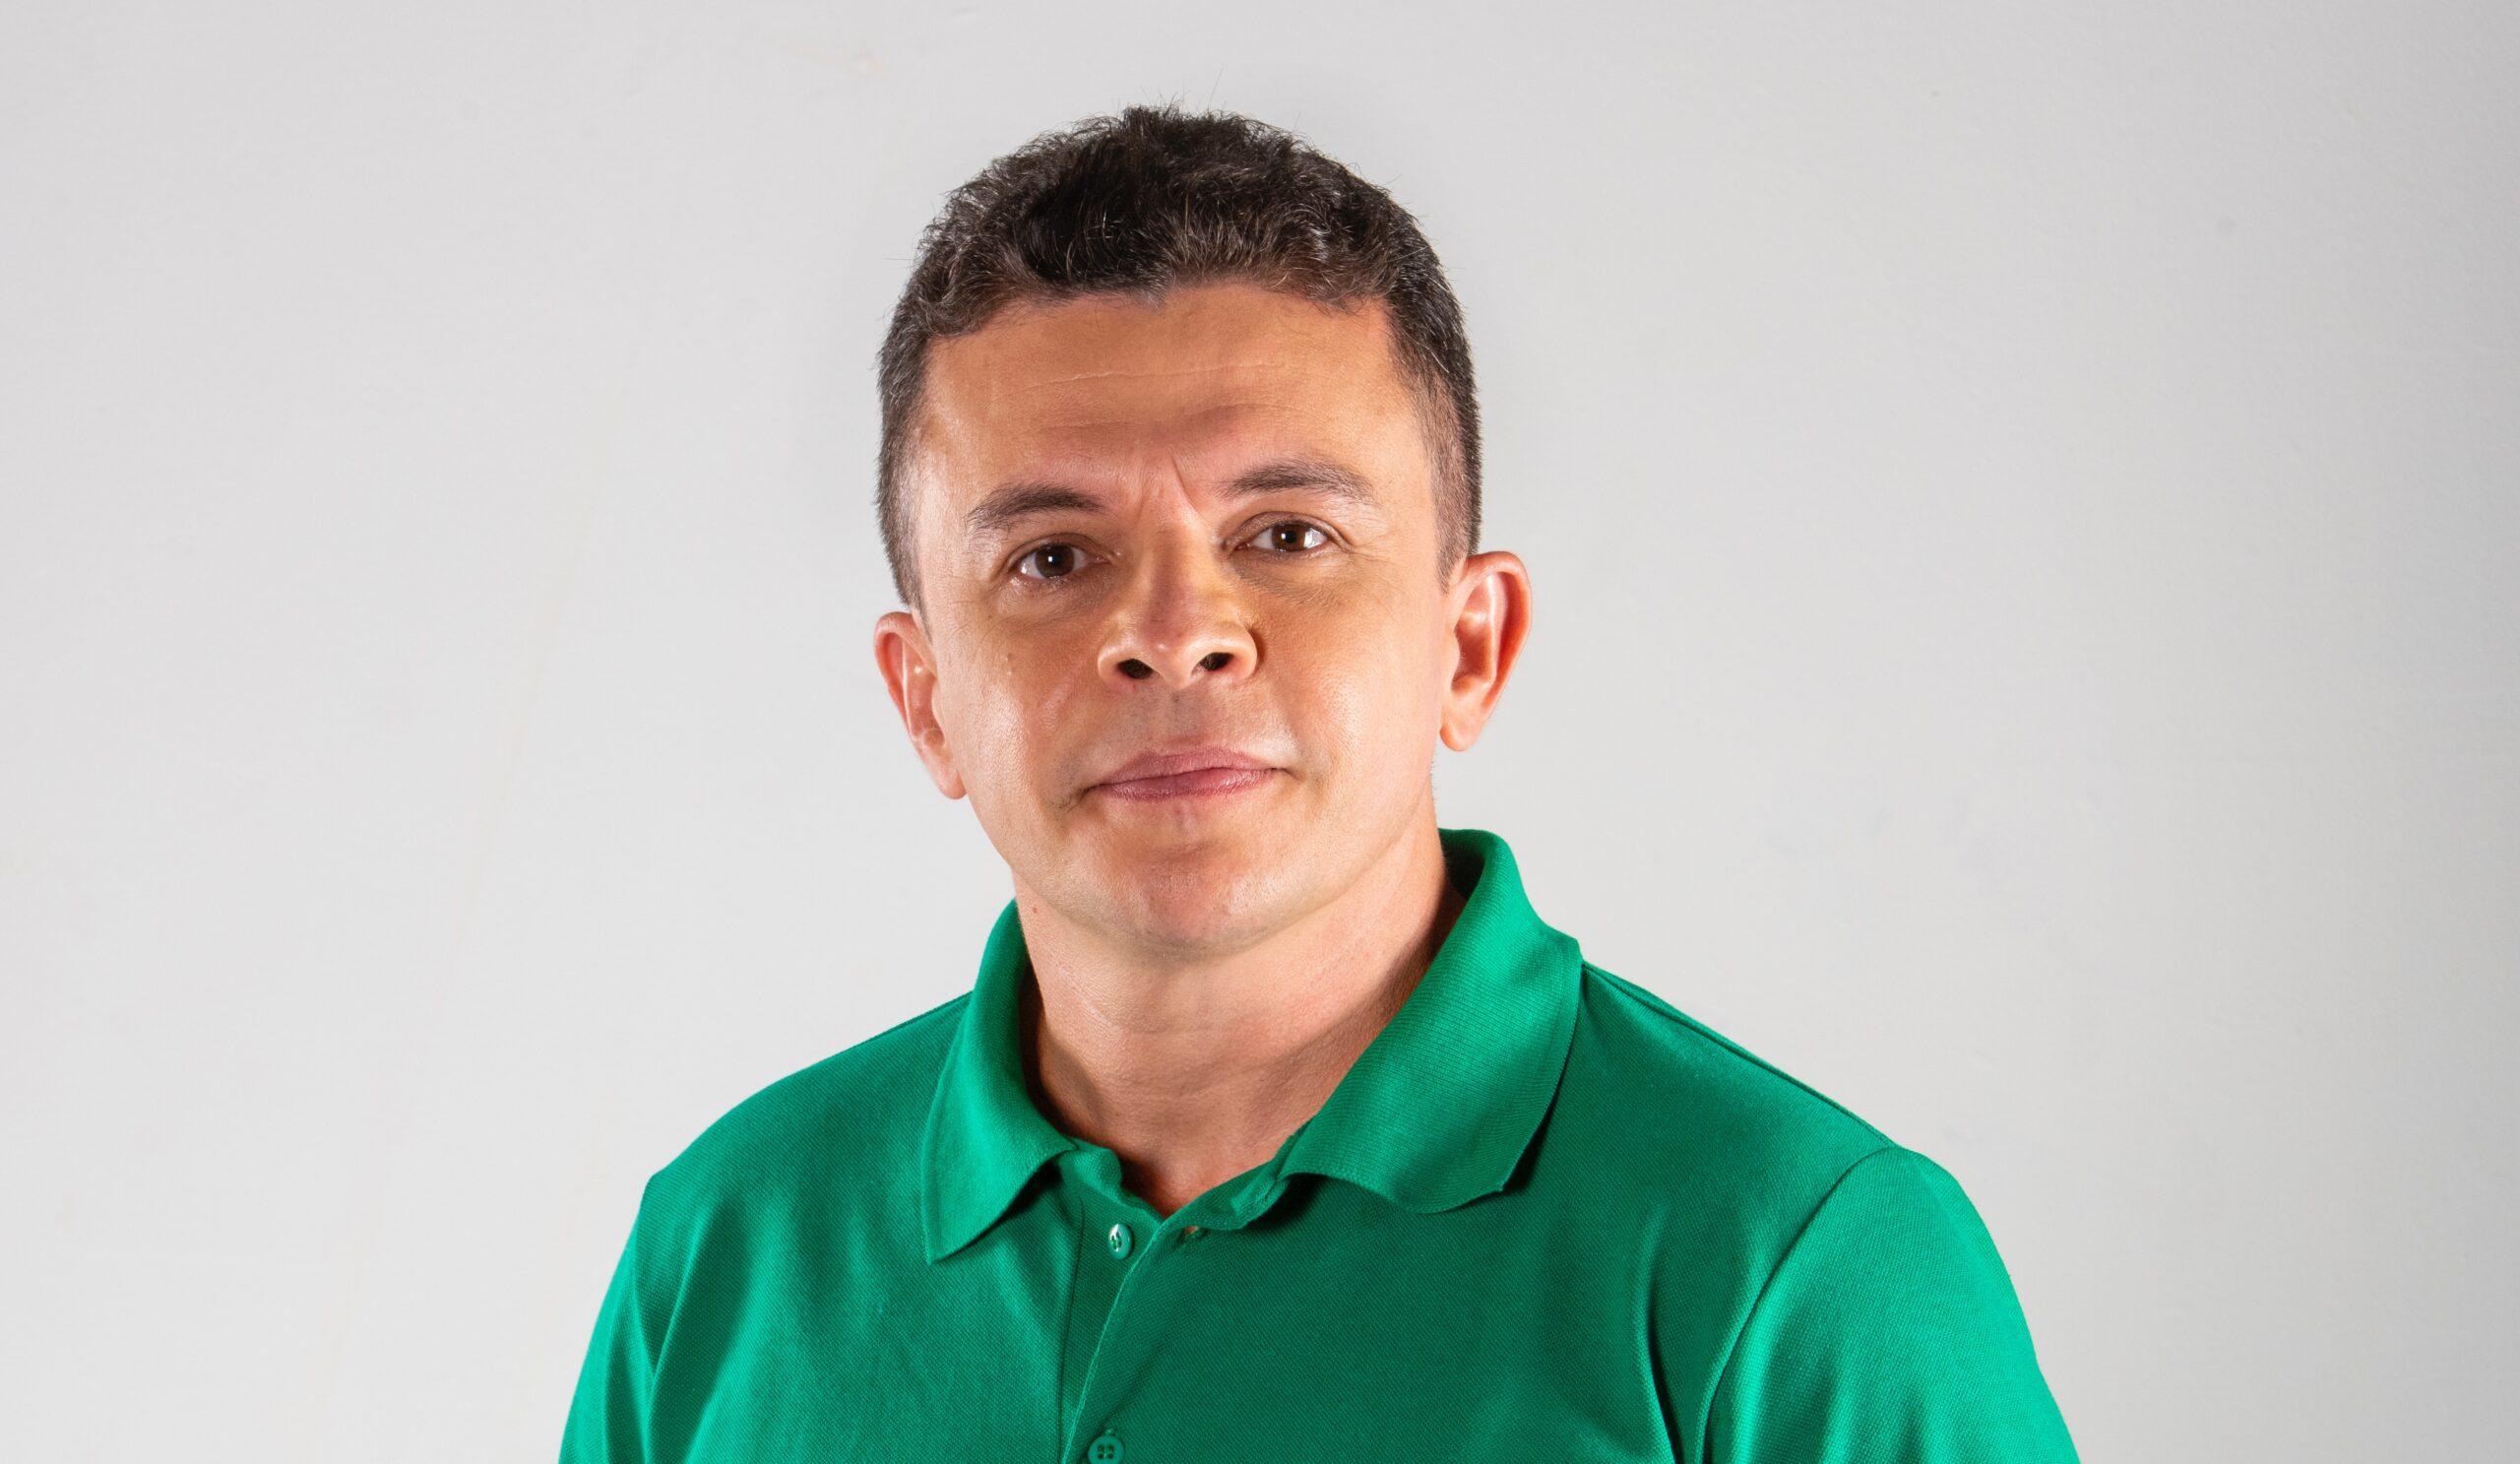 Elias Leite comenta vídeos virais sobre Covid e mensagens positivas nas redes sociais